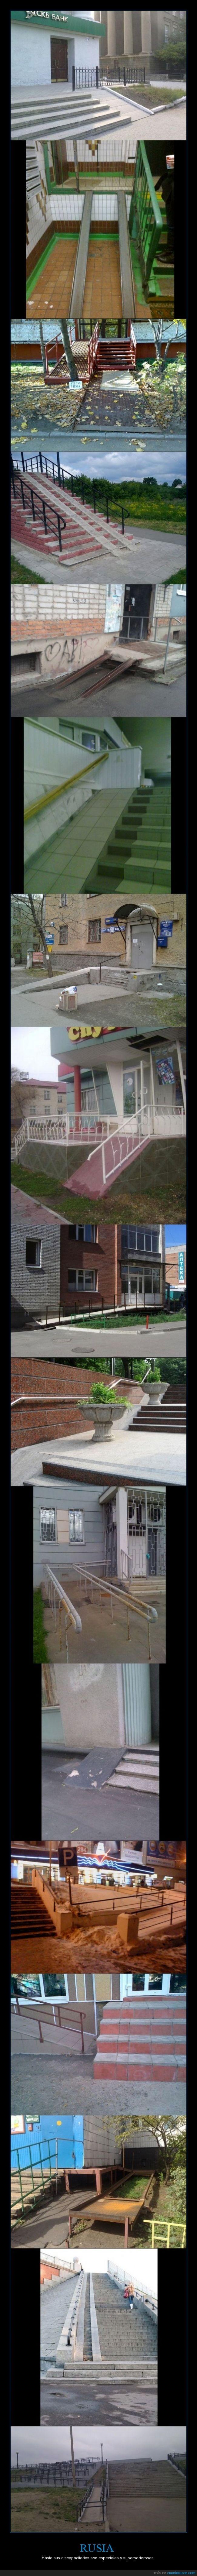 acceso,discapacitados,escaleras,gradas,ideas,ramplas,Rusia